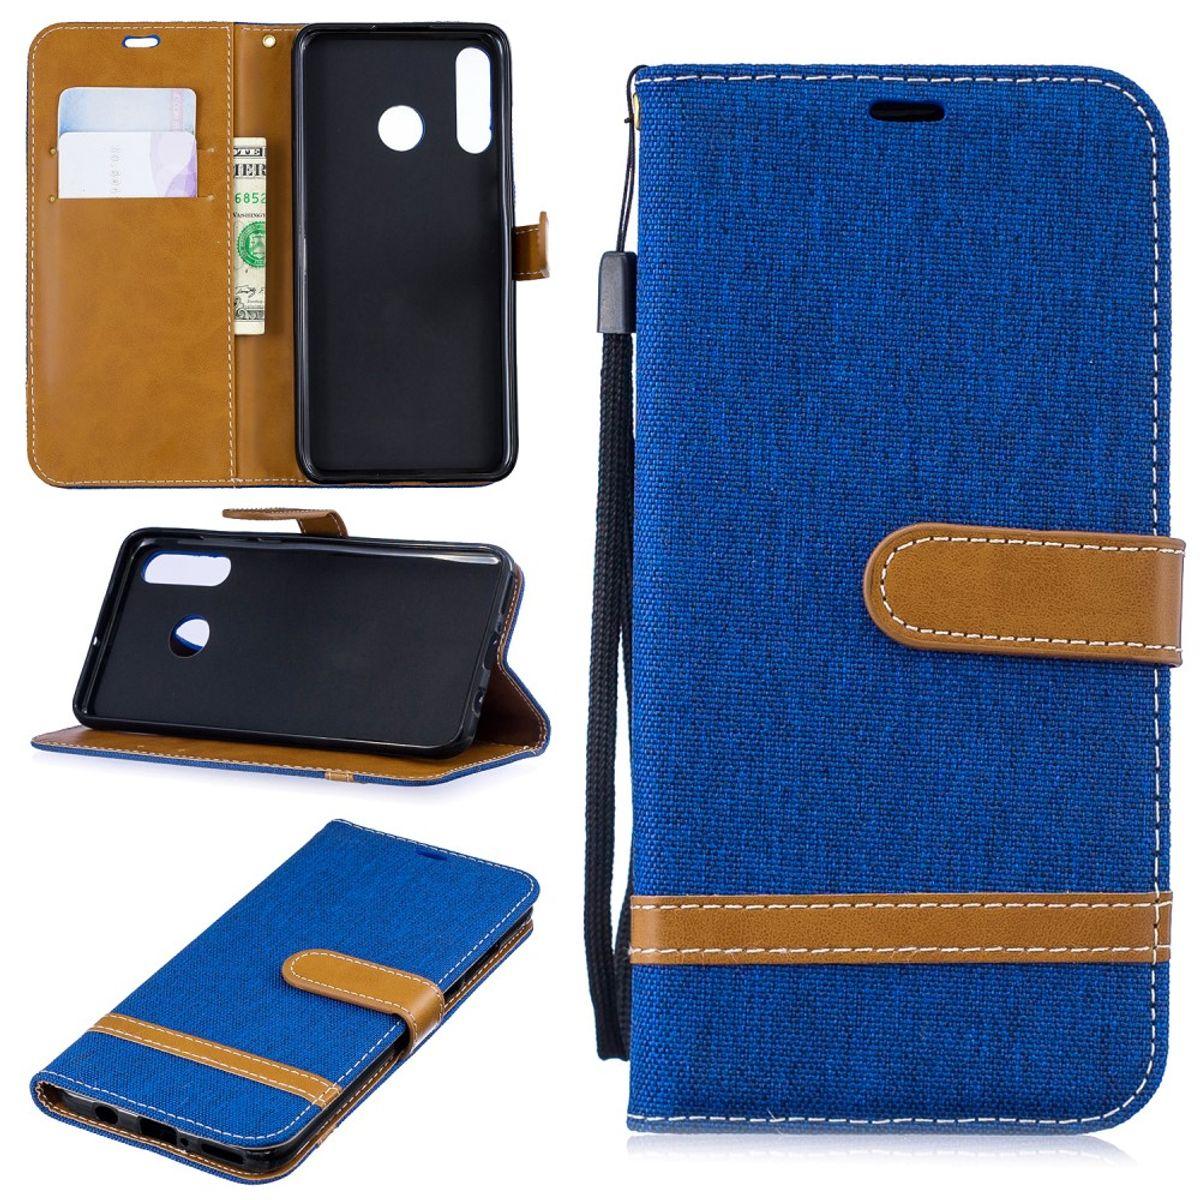 Huawei P30 lite New Edition Handy Hülle Schutz-Tasche Case Cover Kartenfach Etui Wallet Blau